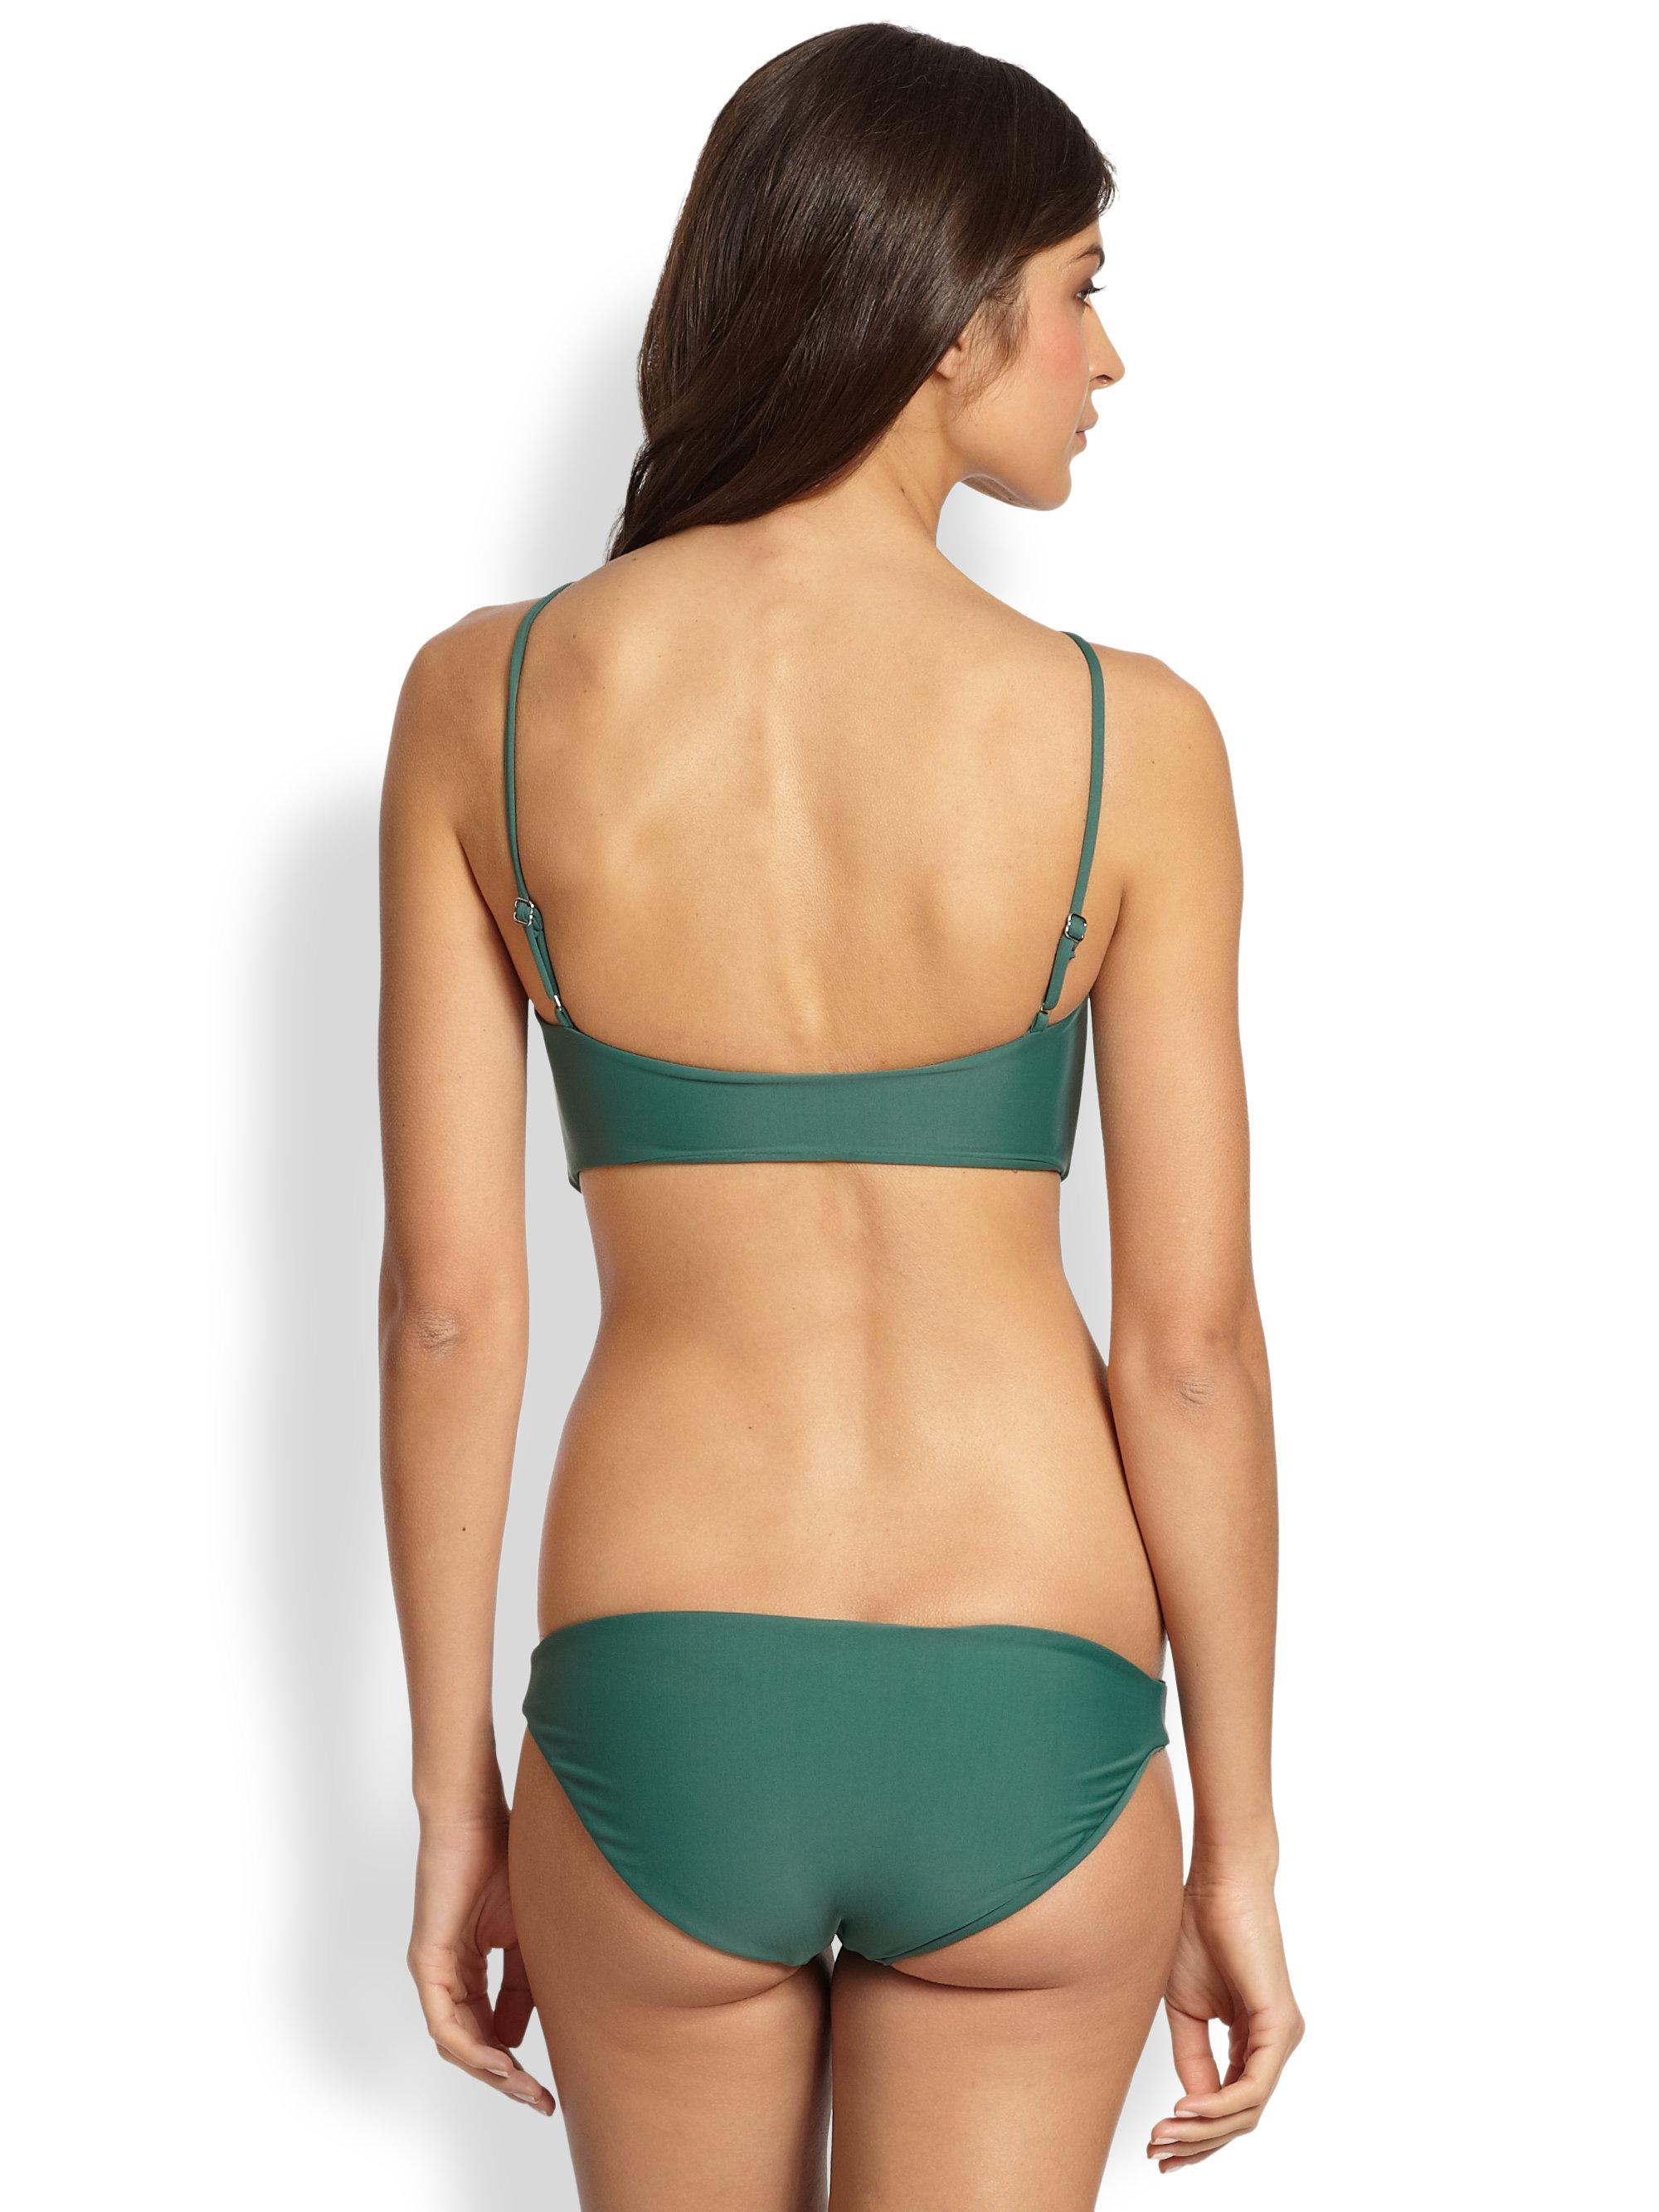 molded bikini top